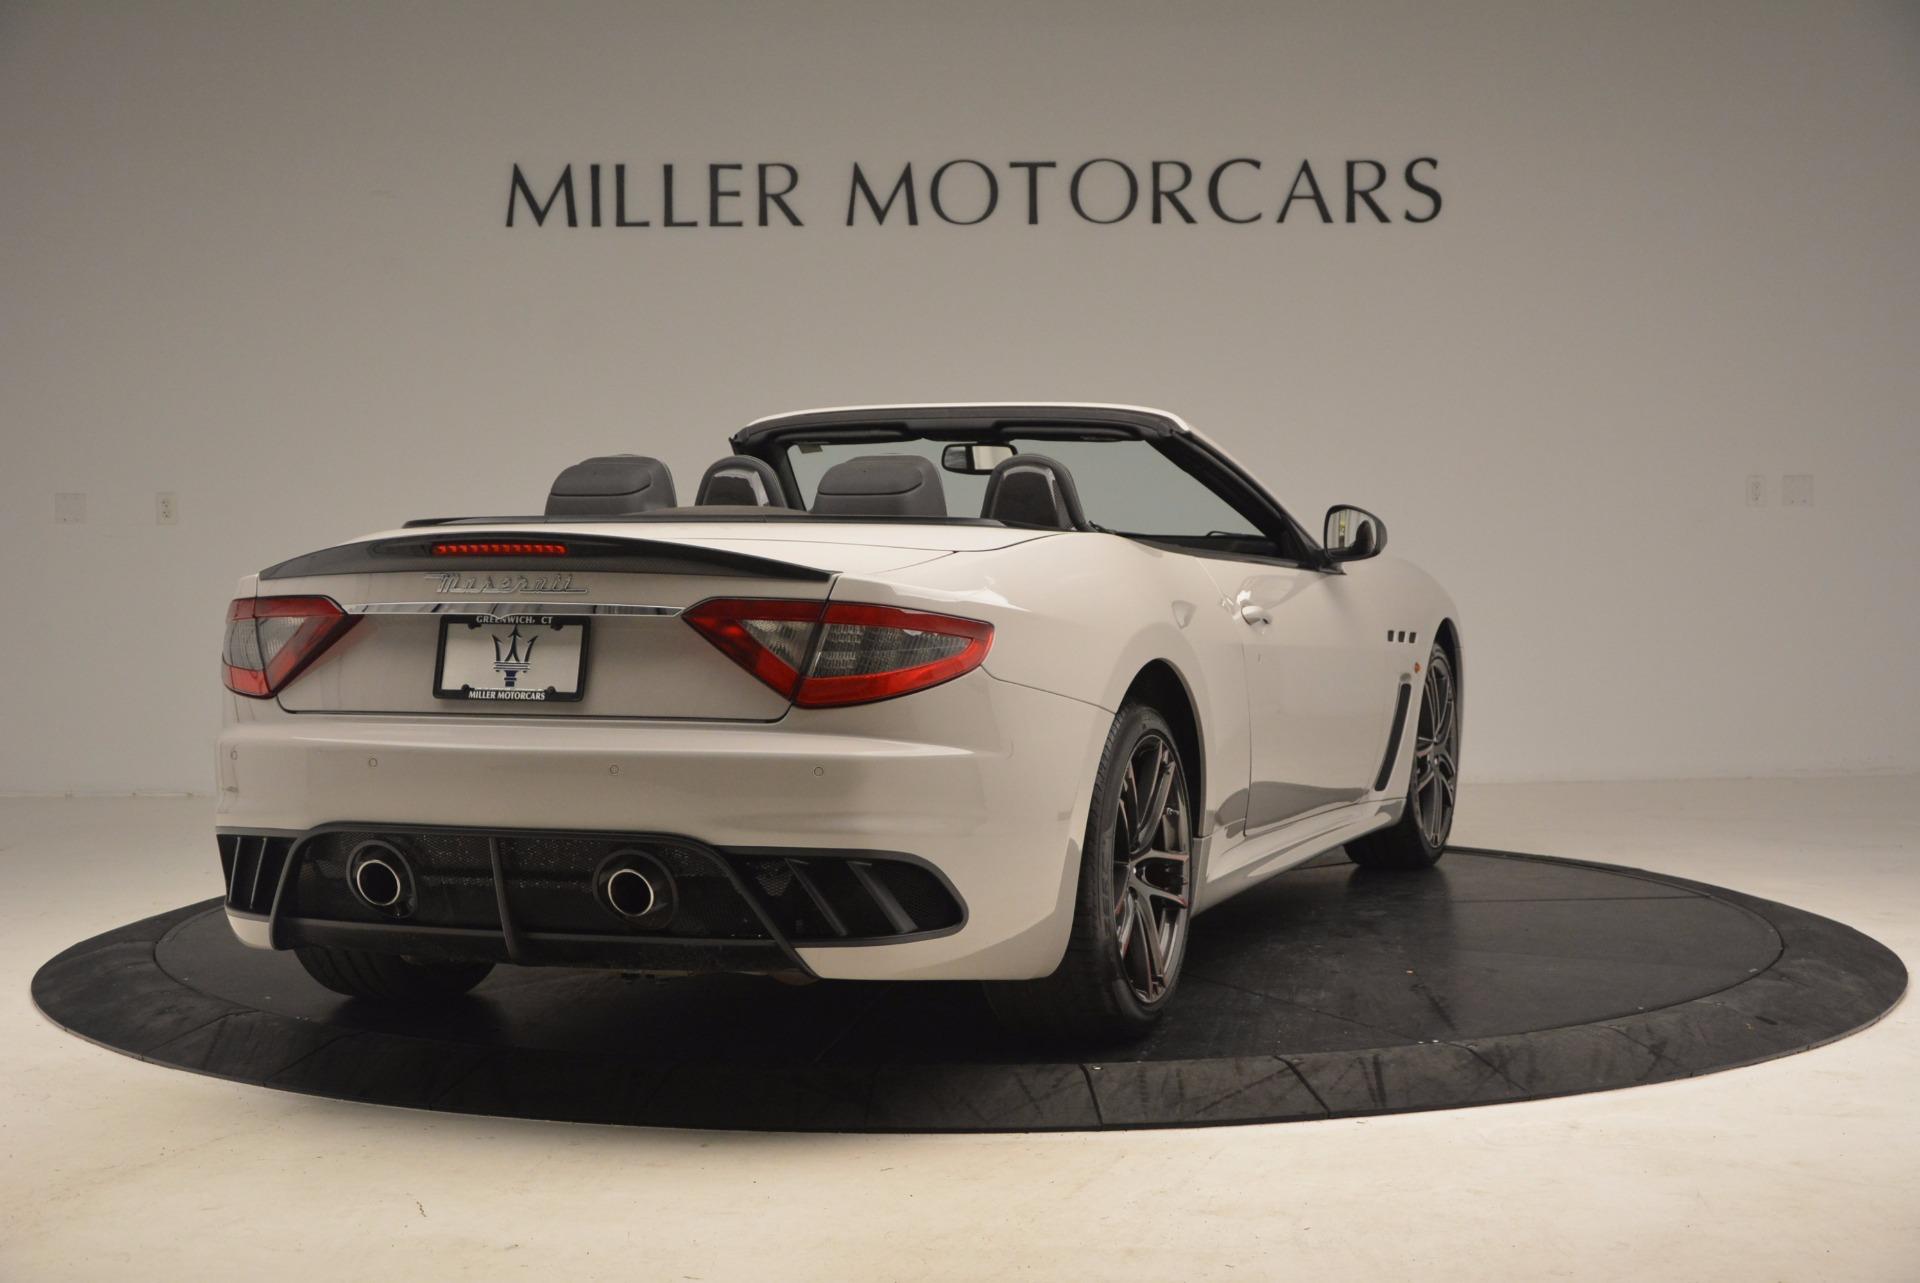 Used 2015 Maserati GranTurismo MC Centennial For Sale In Greenwich, CT 1107_p7